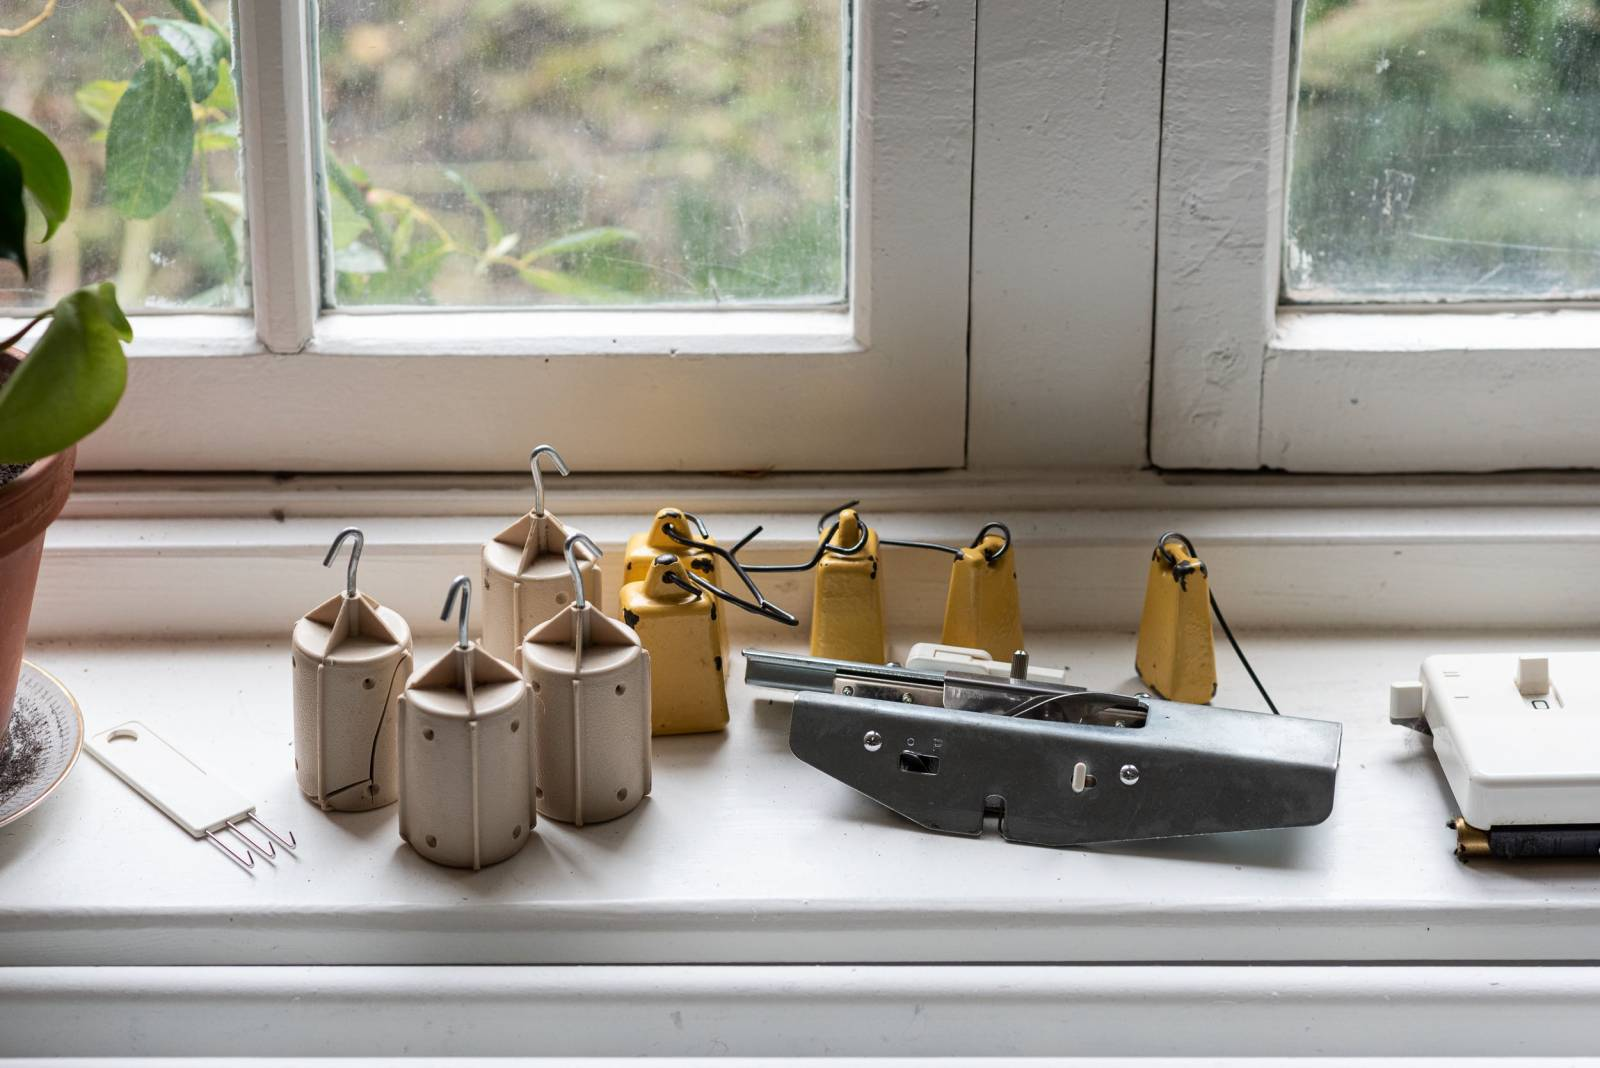 Lotte Van Huyck - Bridal Knitwear - Sjaals - Bridal workshop - Vrijgezellen activiteit - House of Weddings - 2